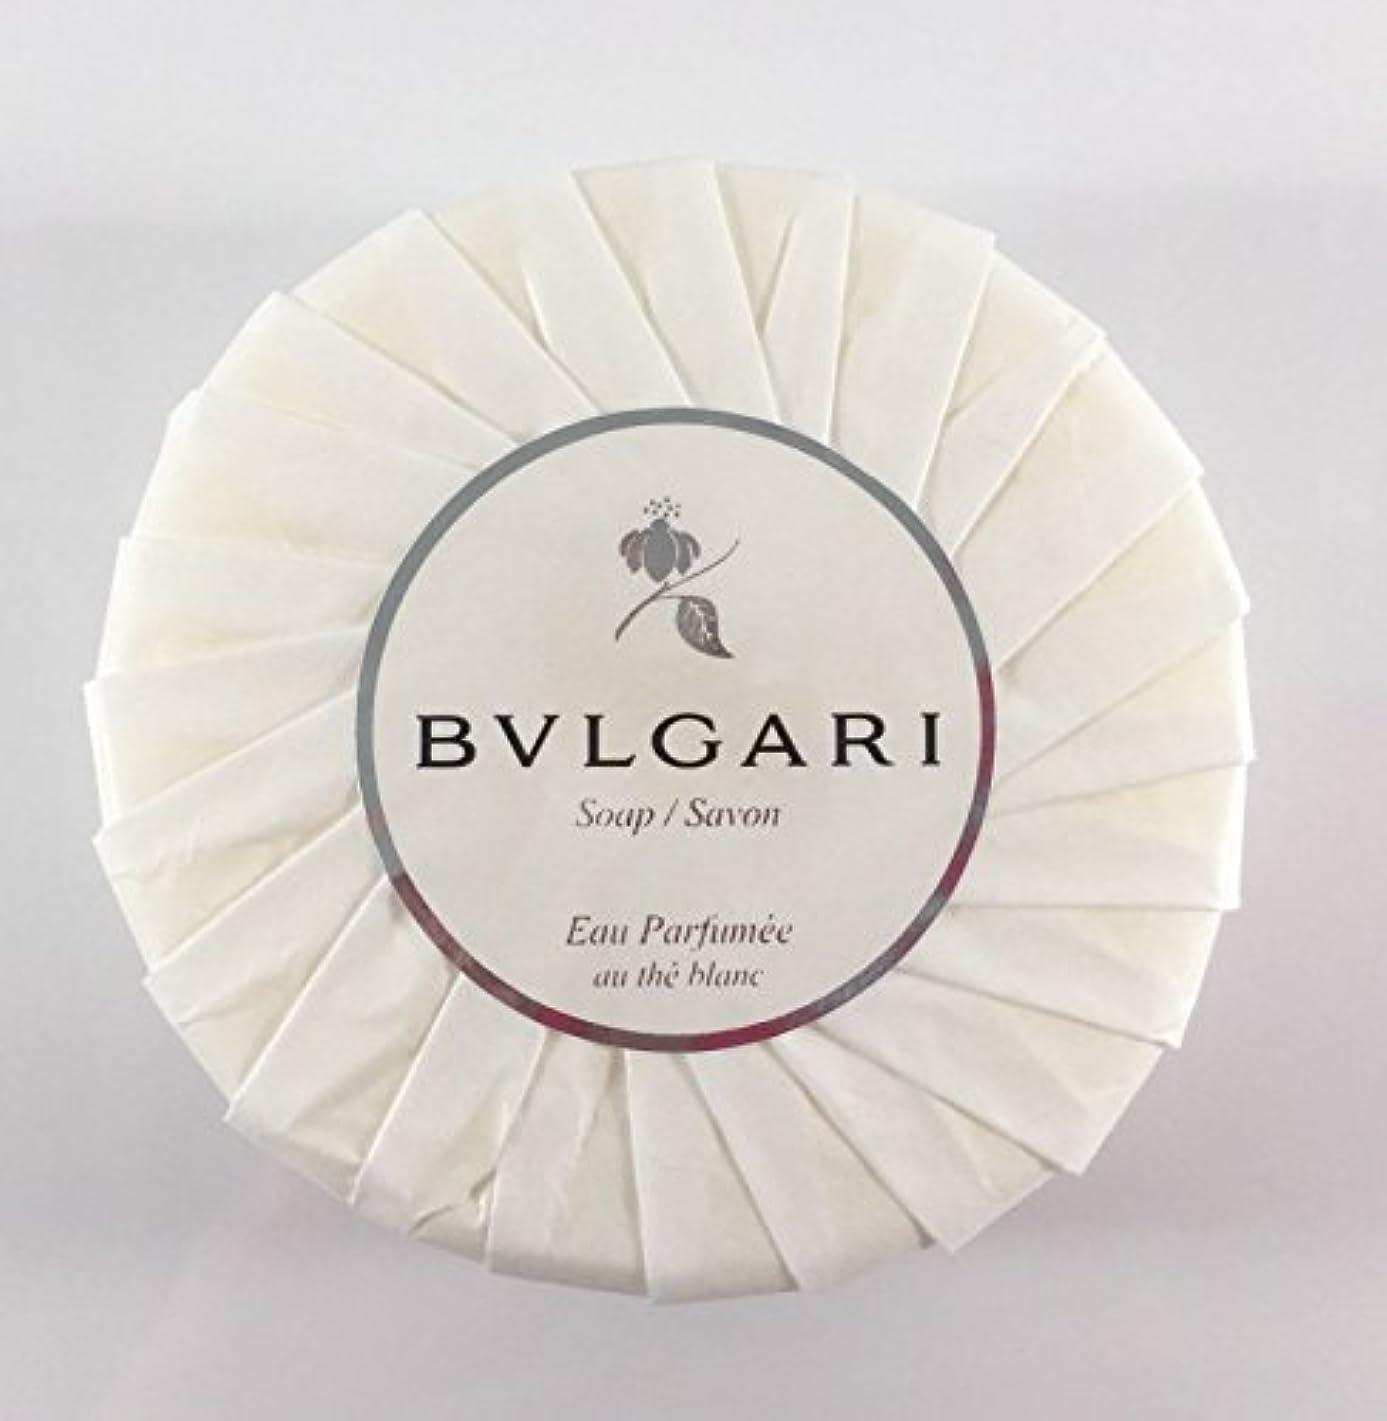 コカインケーキマニフェストブルガリ オ?パフメ オーテブラン デラックスソープ150g BVLGARI Bvlgari Eau Parfumee au the blanc White Soap